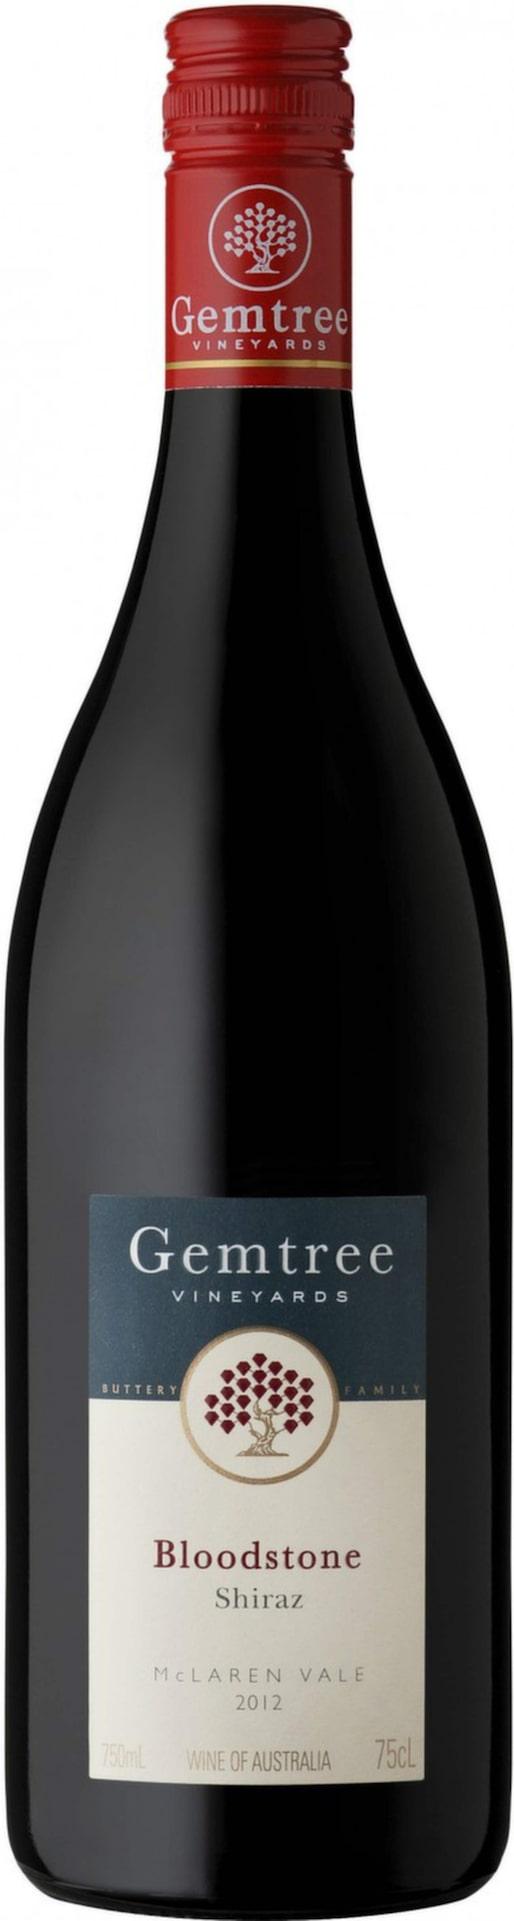 RöttBloodstone Shiraz 2013 (2083) Australien, 121 krIntensiv smak med toner av blåbär, lakrits, eukalyptus och kaffe. Gott till en viltstek med gräddsås.